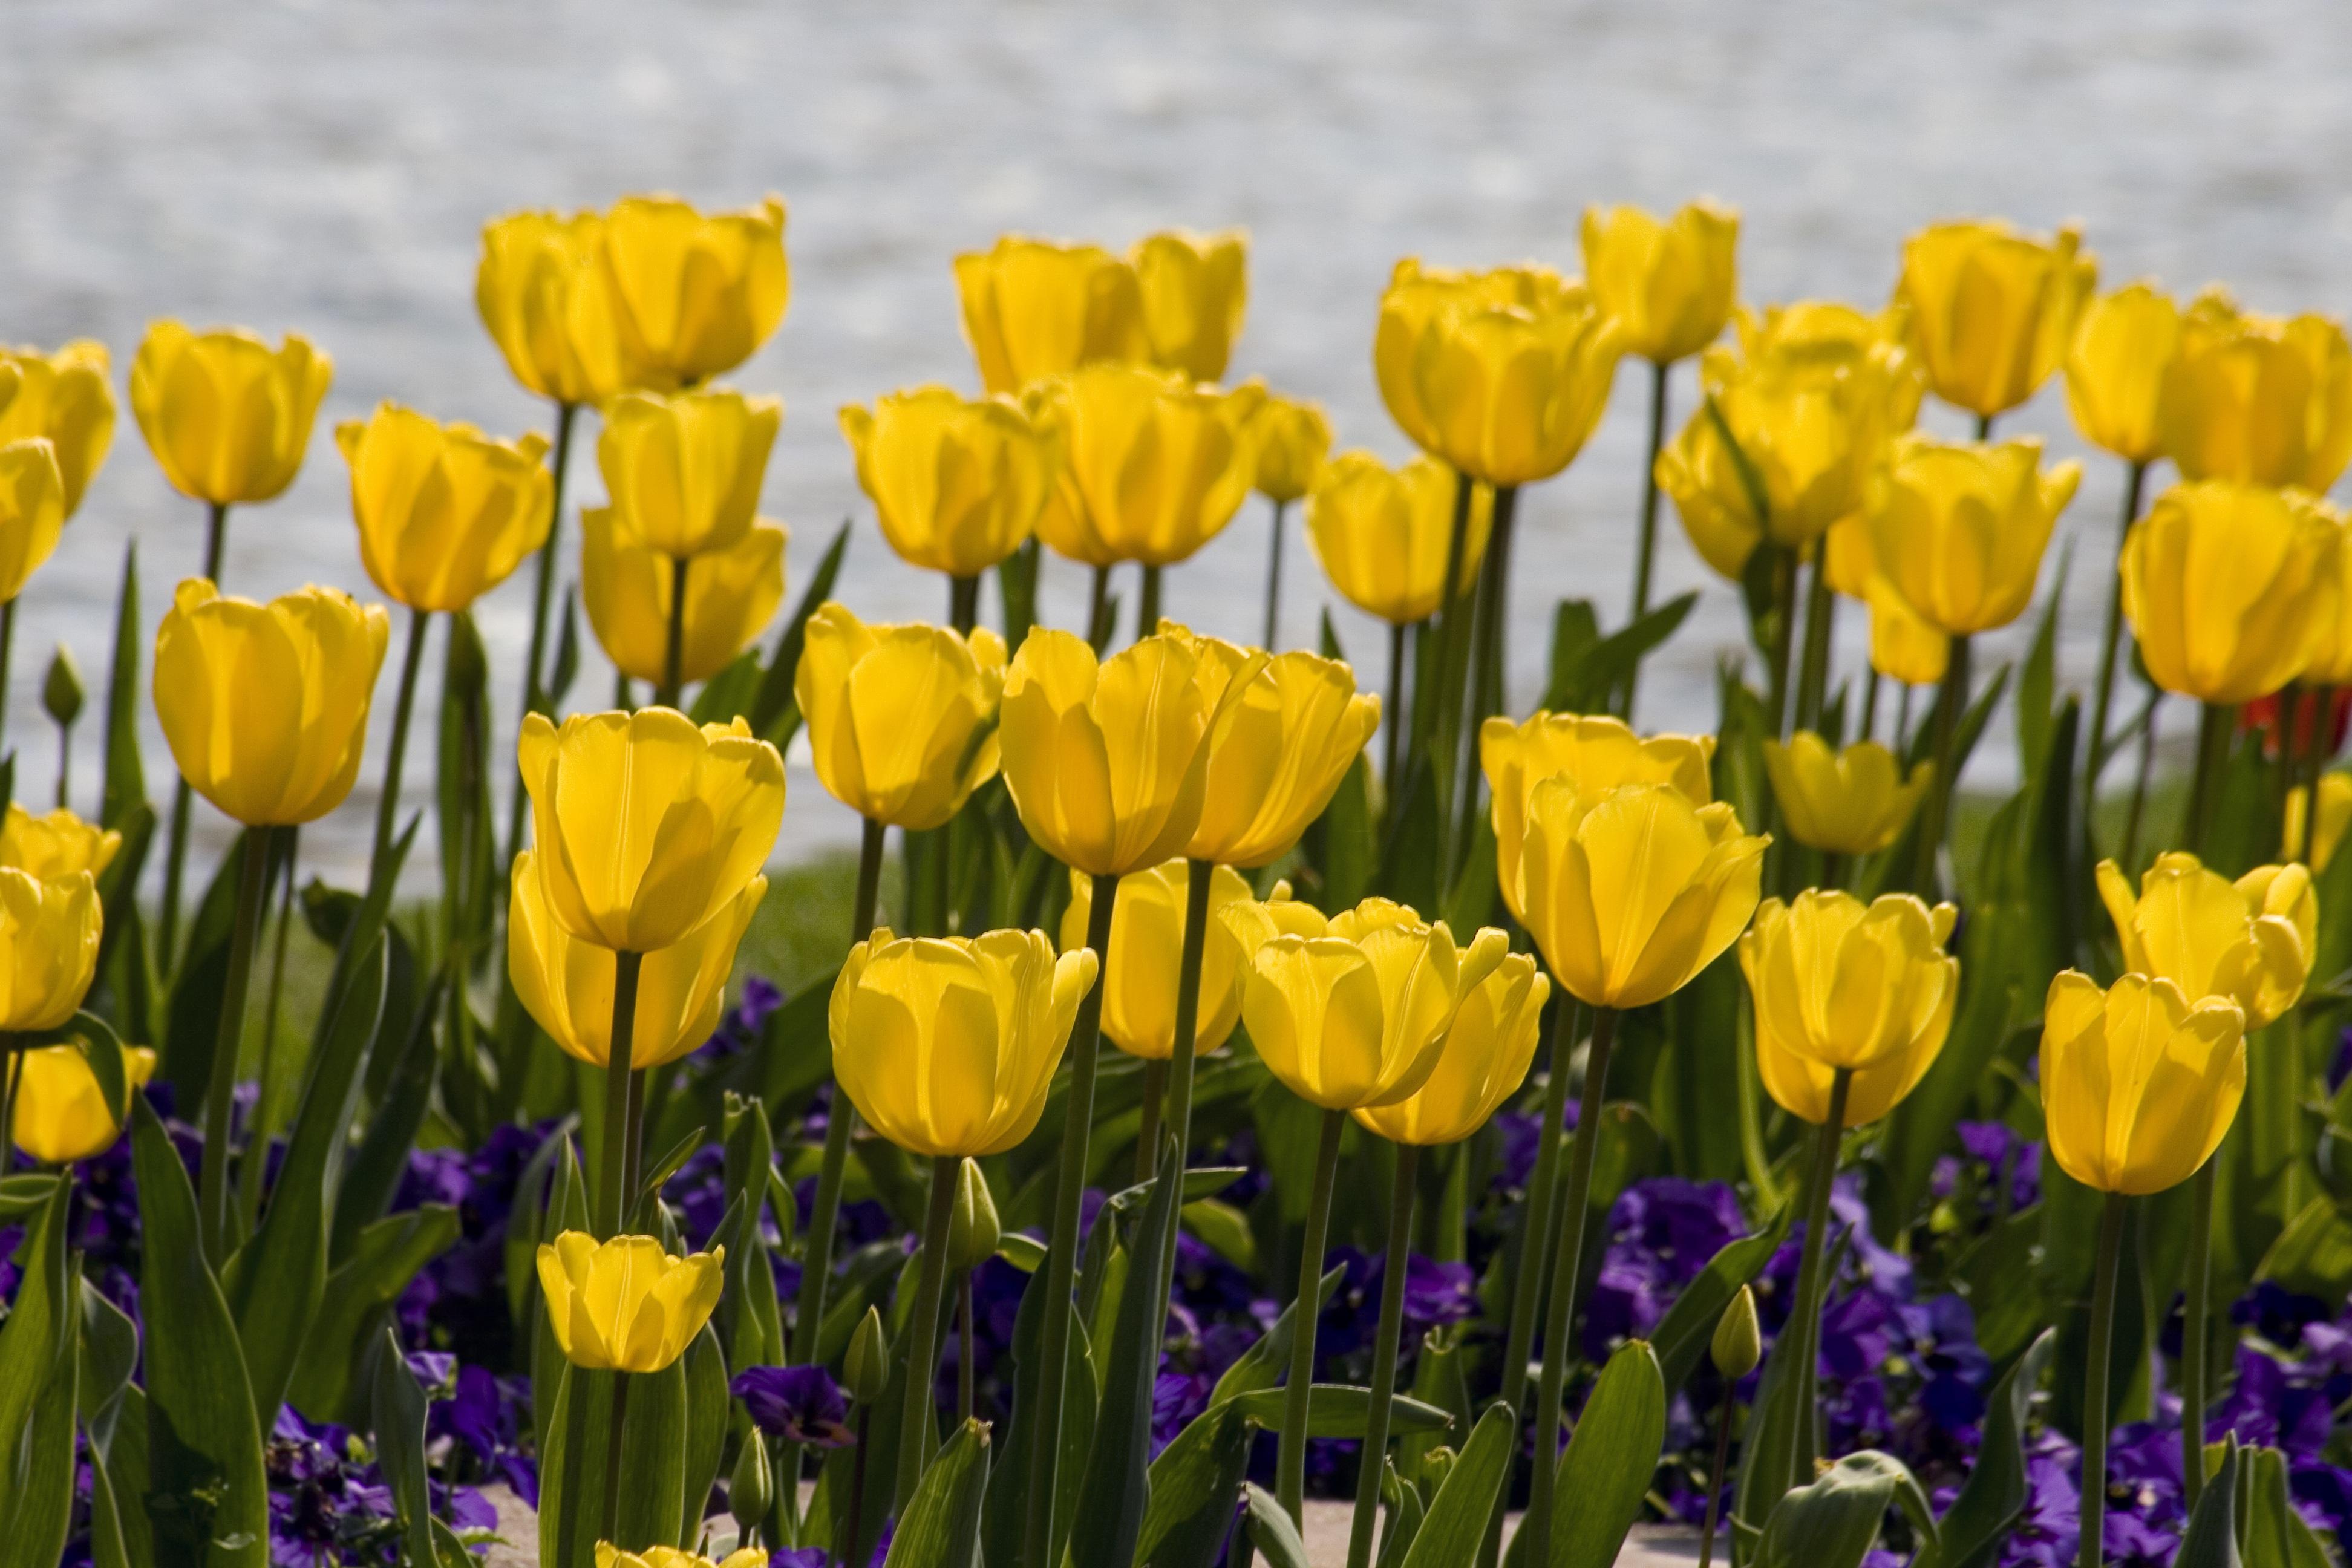 Gambar Menanam Daun Bunga Bunga Tulp Bunga Bunga Tulip Warna Kuning Kemerahan Tanaman Berbunga Tanaman Tanah 3888x2592 749157 Galeri Foto Pxhere